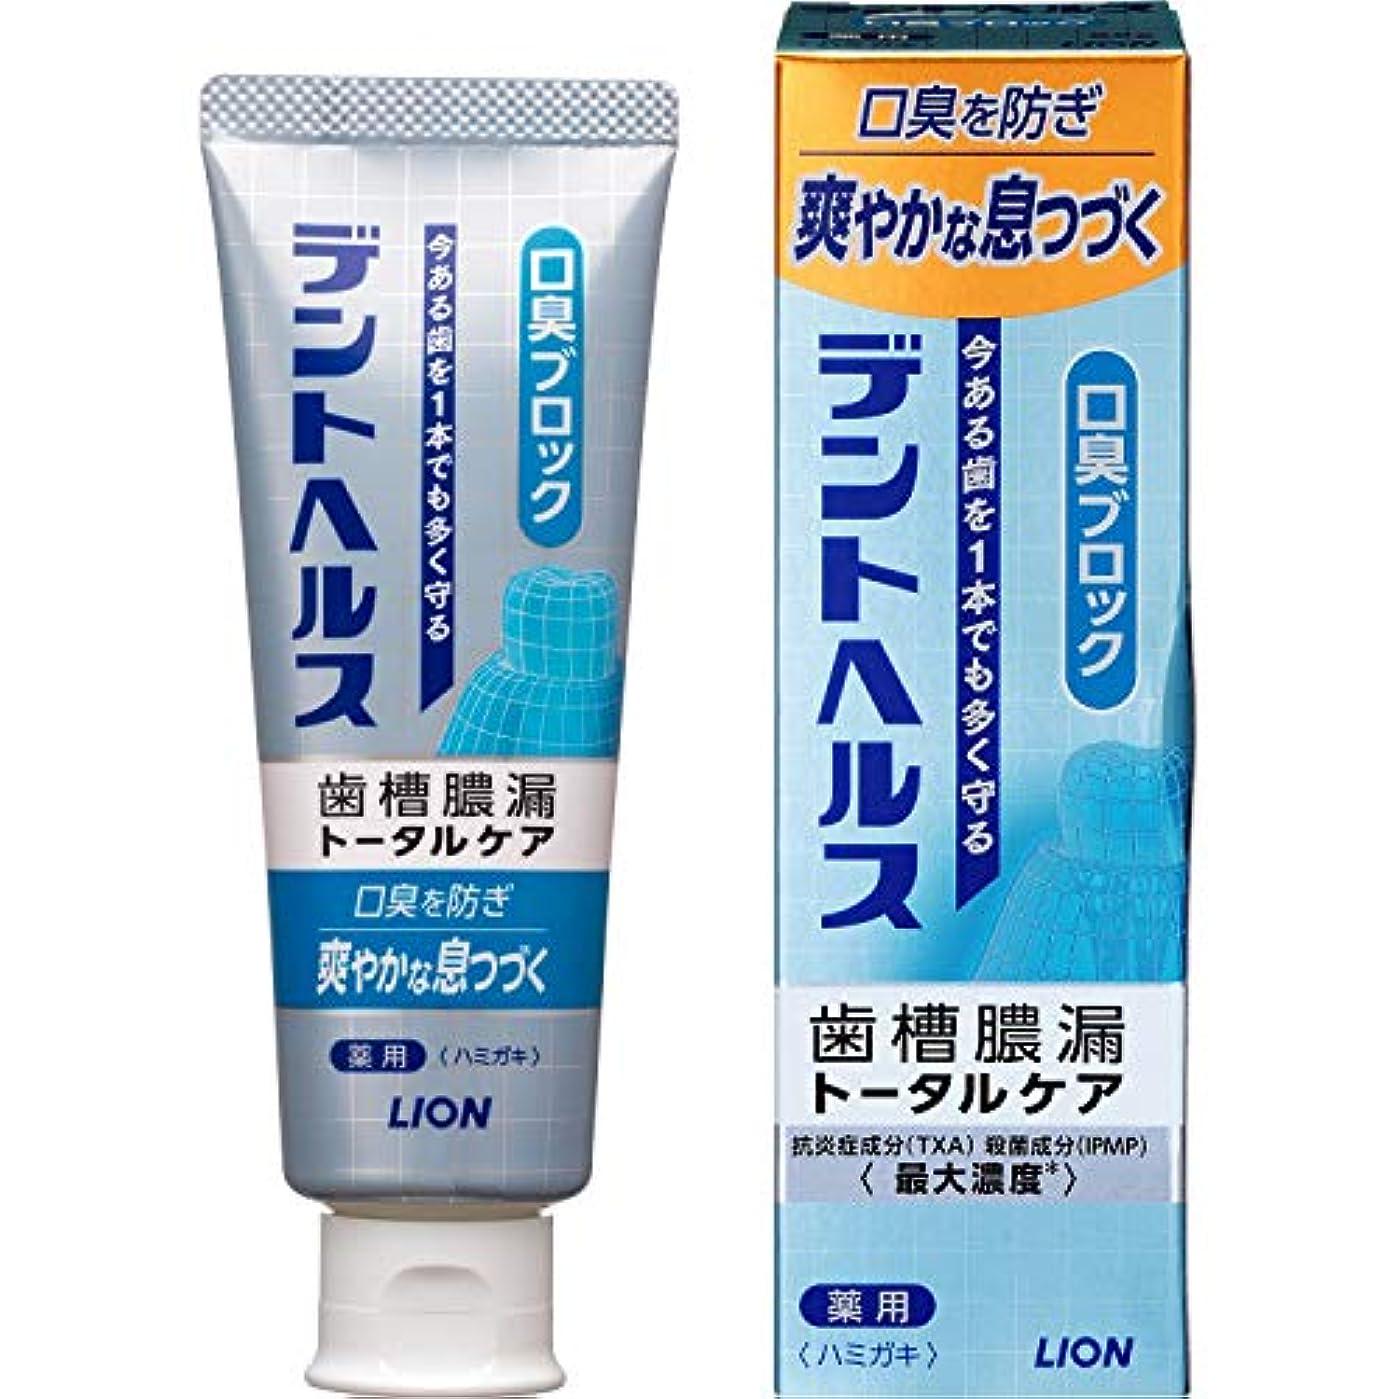 元気マイルストーン抵抗力がある歯槽膿漏予防に デントヘルス 薬用ハミガキ 口臭ブロック 85g